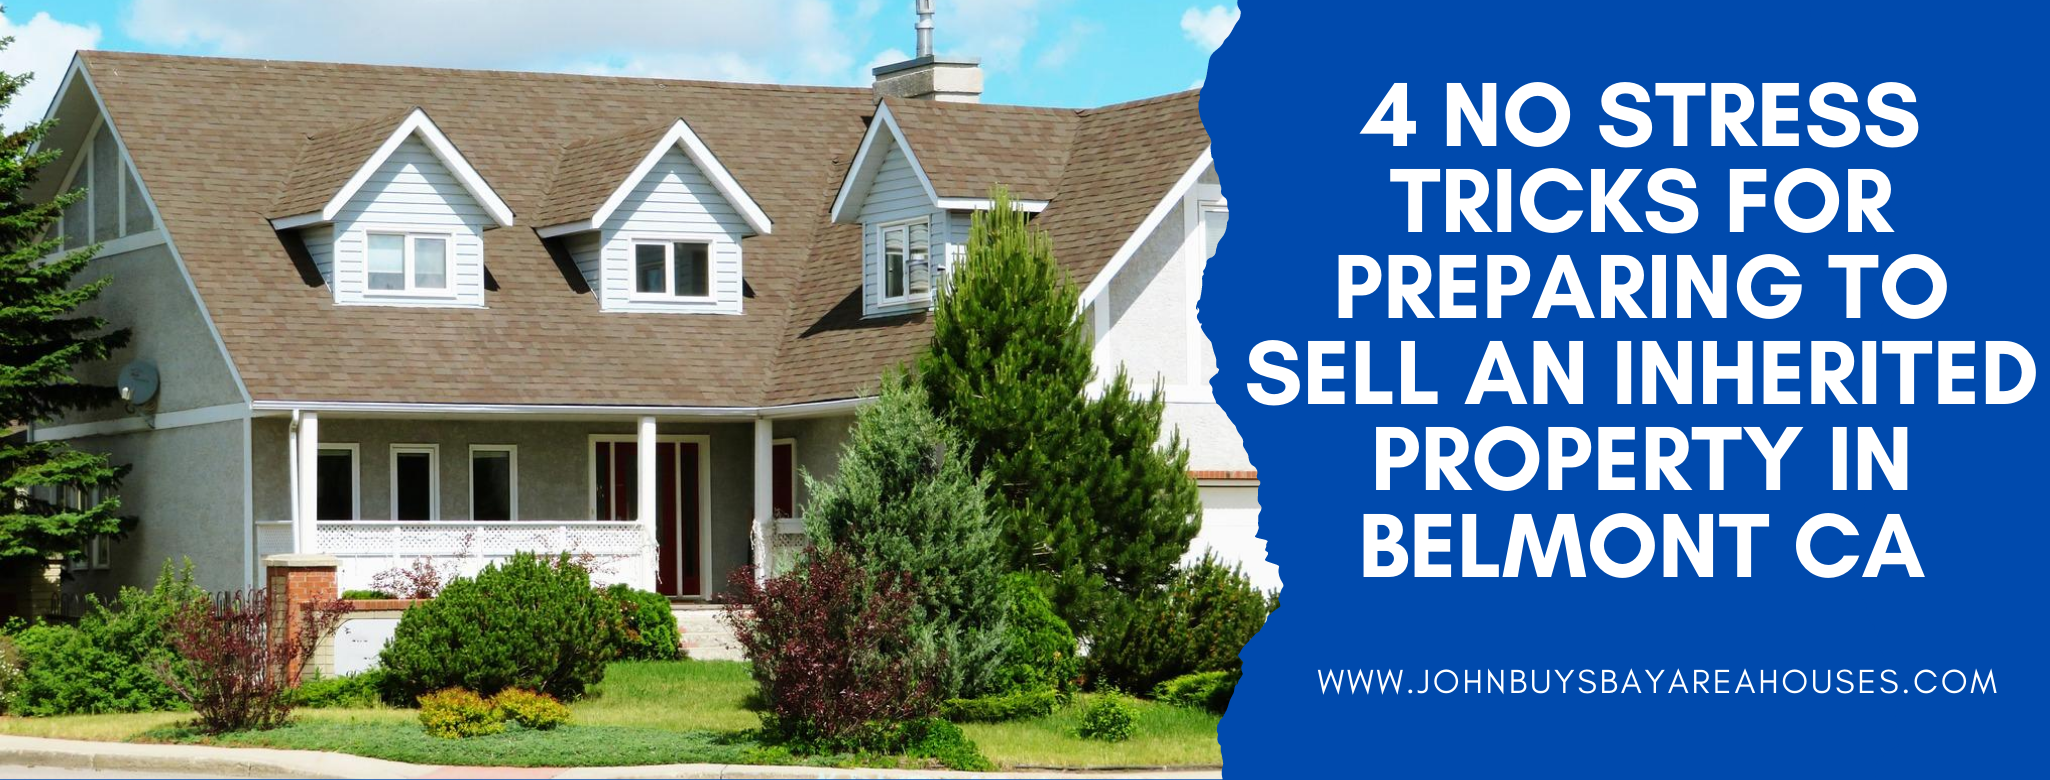 We buy properties in Belmont CA